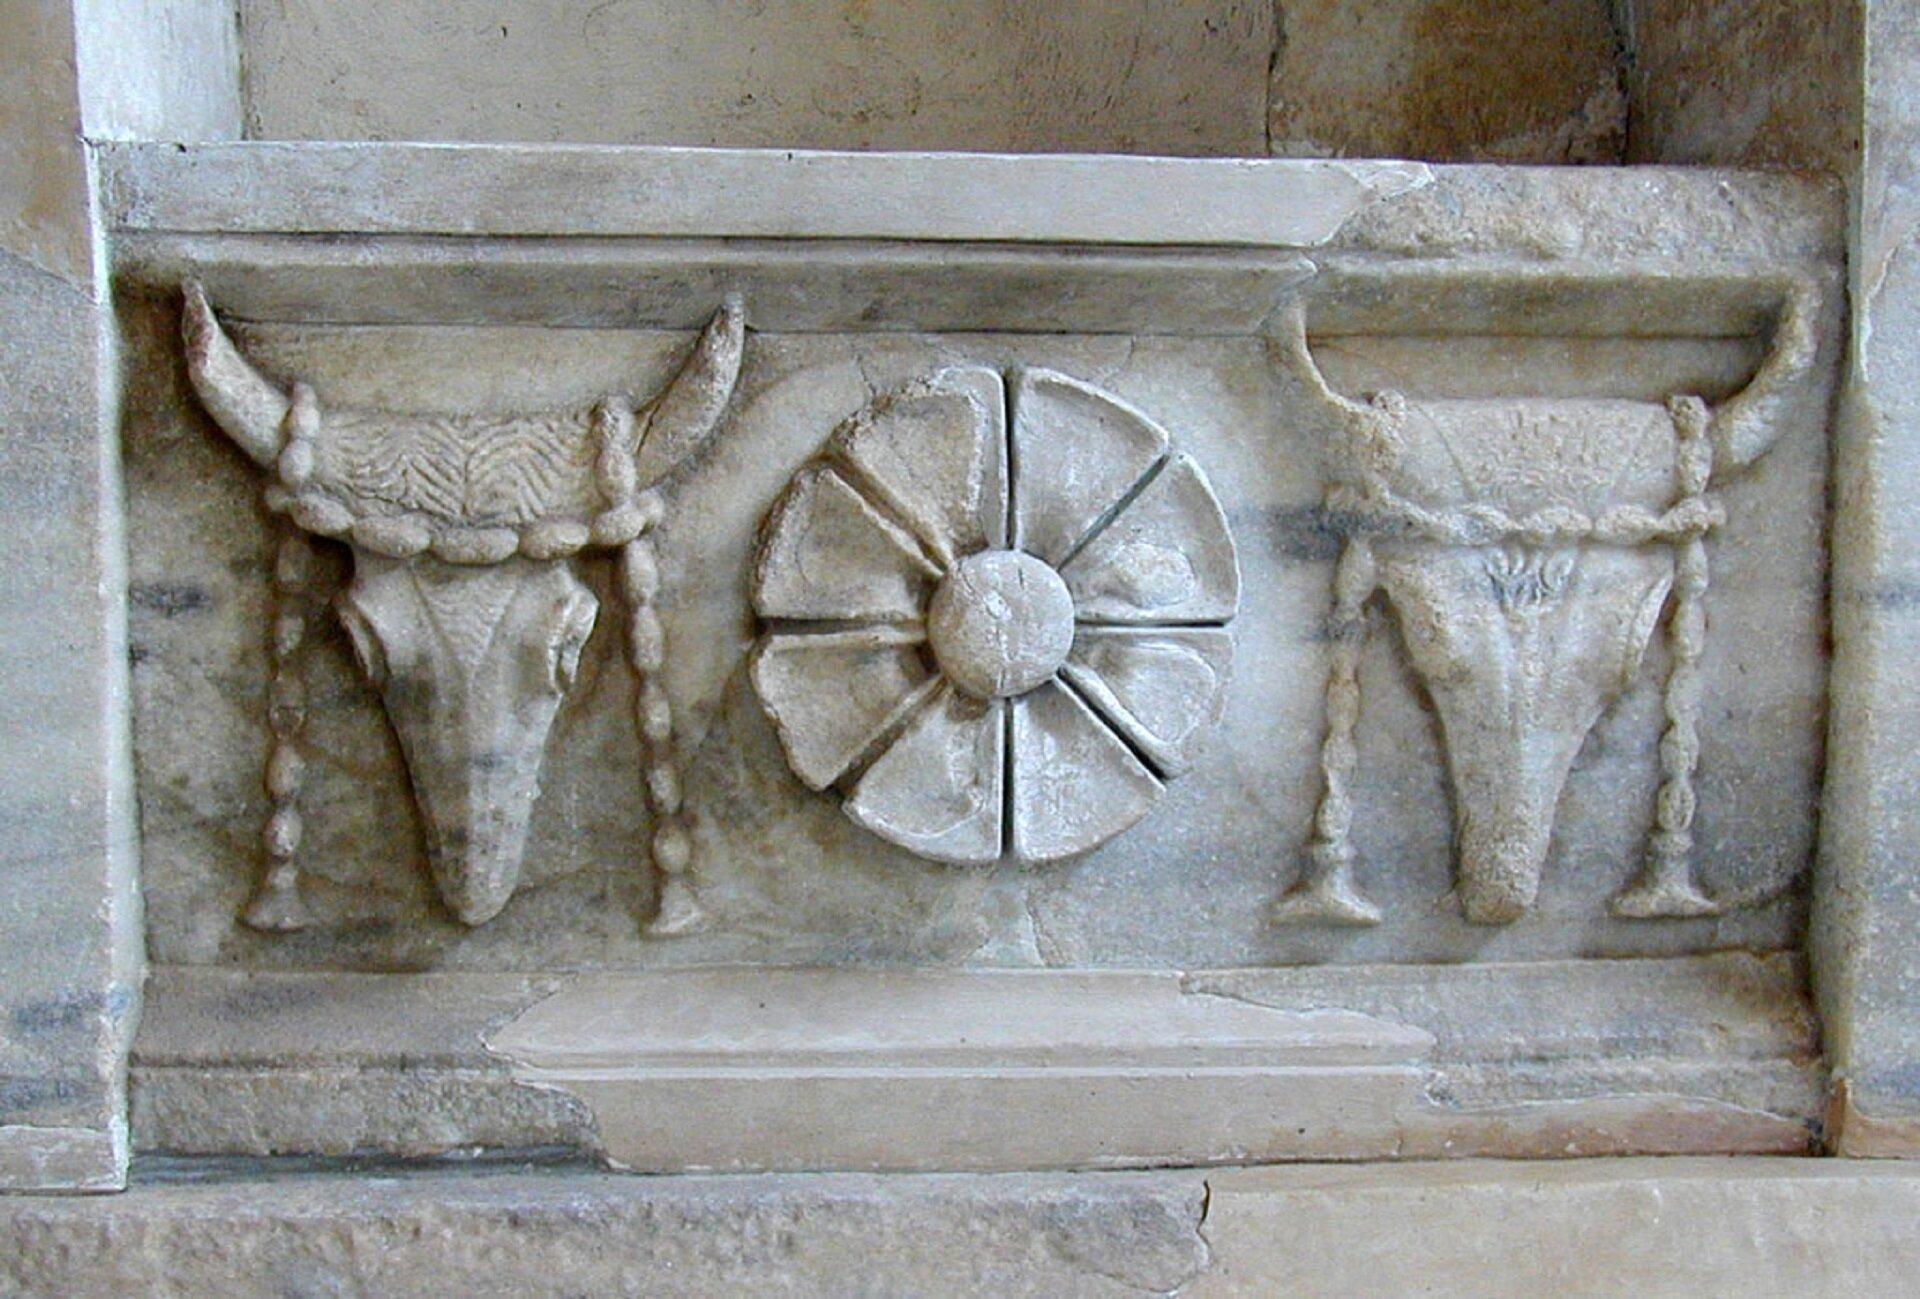 Ilustracja przedstawiająca ornament – bukranion. Na fotografii widoczne są trzy elementy. Po środku znajduje się dekoracja podobna do kwiatu, po obu jej stronach można zobaczyć głowy zwierząt zrogami isznurkiem, co może złudnie przypominać hełmy wikingów.